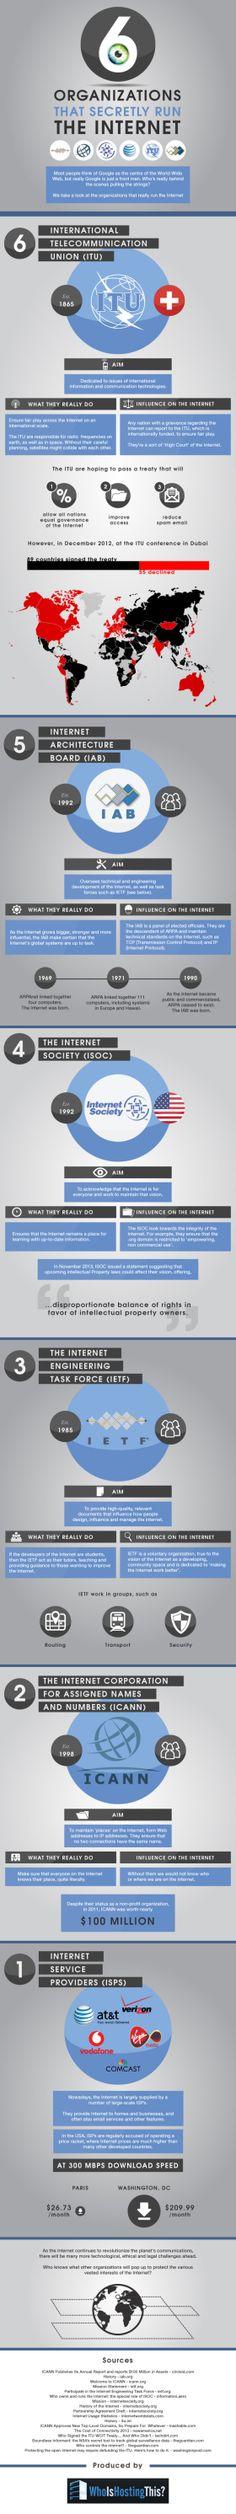 Las 6 organizaciones que controlan #Internet